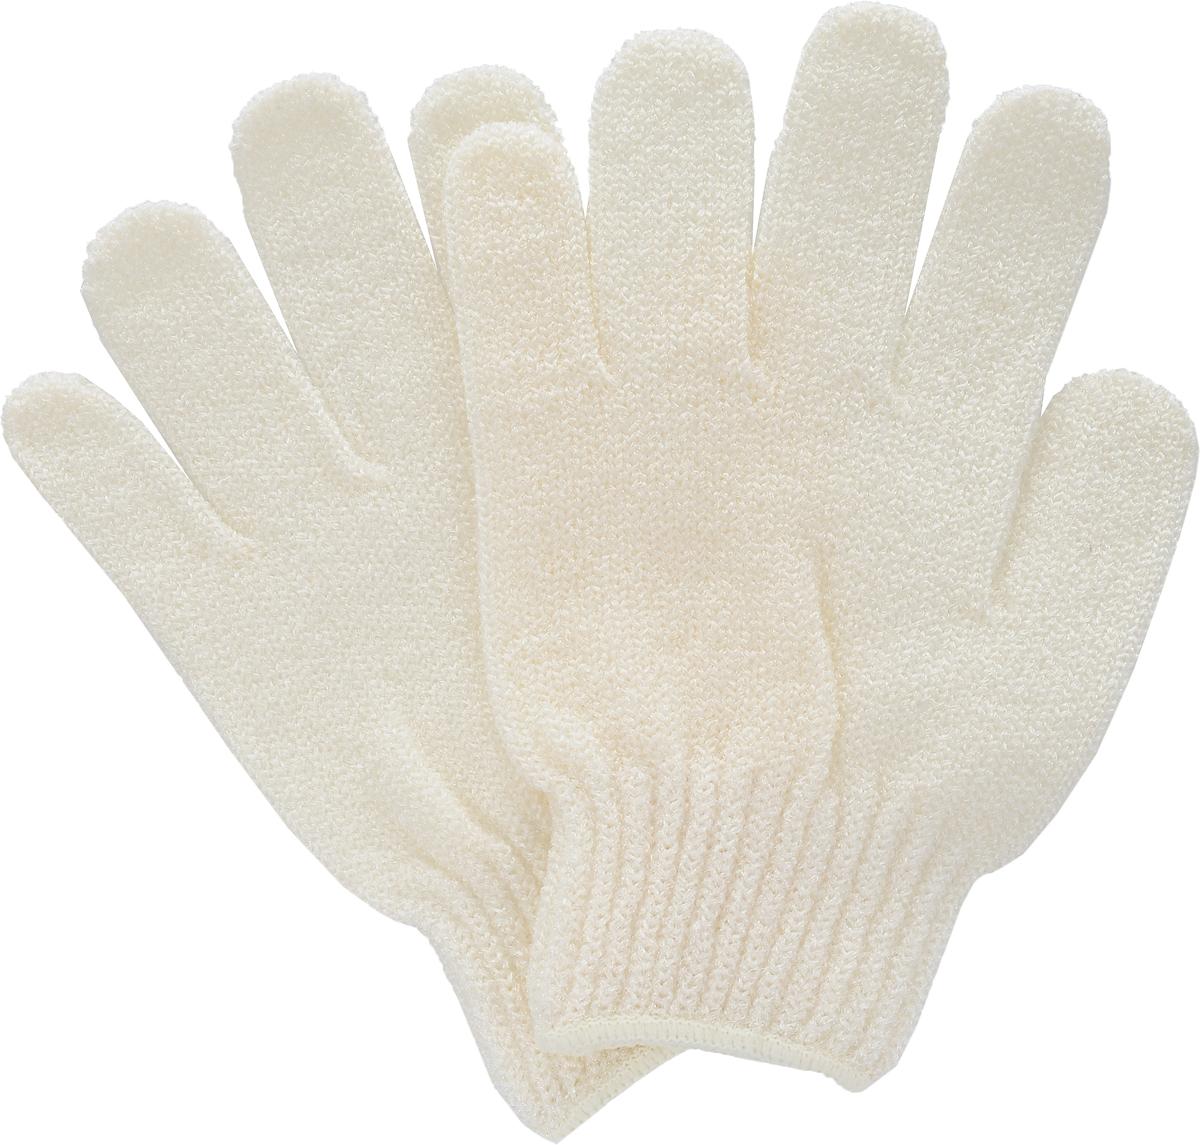 Перчатки для пилинга Riffi, цвет: молочный1092018Эластичные безразмерные перчатки Riffi обладают активным антицеллюлитным эффектом и отличным пилинговым действием, тонизируя, массируя и эффективно очищая вашу кожу.Перчатки Riffi освобождает кожу от отмерших клеток, стимулирует регенерацию. Эффективно предупреждают образование целлюлита и обеспечивают омолаживающий эффект. Кожа становится гладкой, упругой и лучше готовой к принятию косметических средств. Интенсивный и пощипывающий свежий массаж тела с применением перчаток Riffi стимулирует кровообращение, активирует кровоснабжение, способствует обмену веществ. В комплекте 1 пара перчаток.